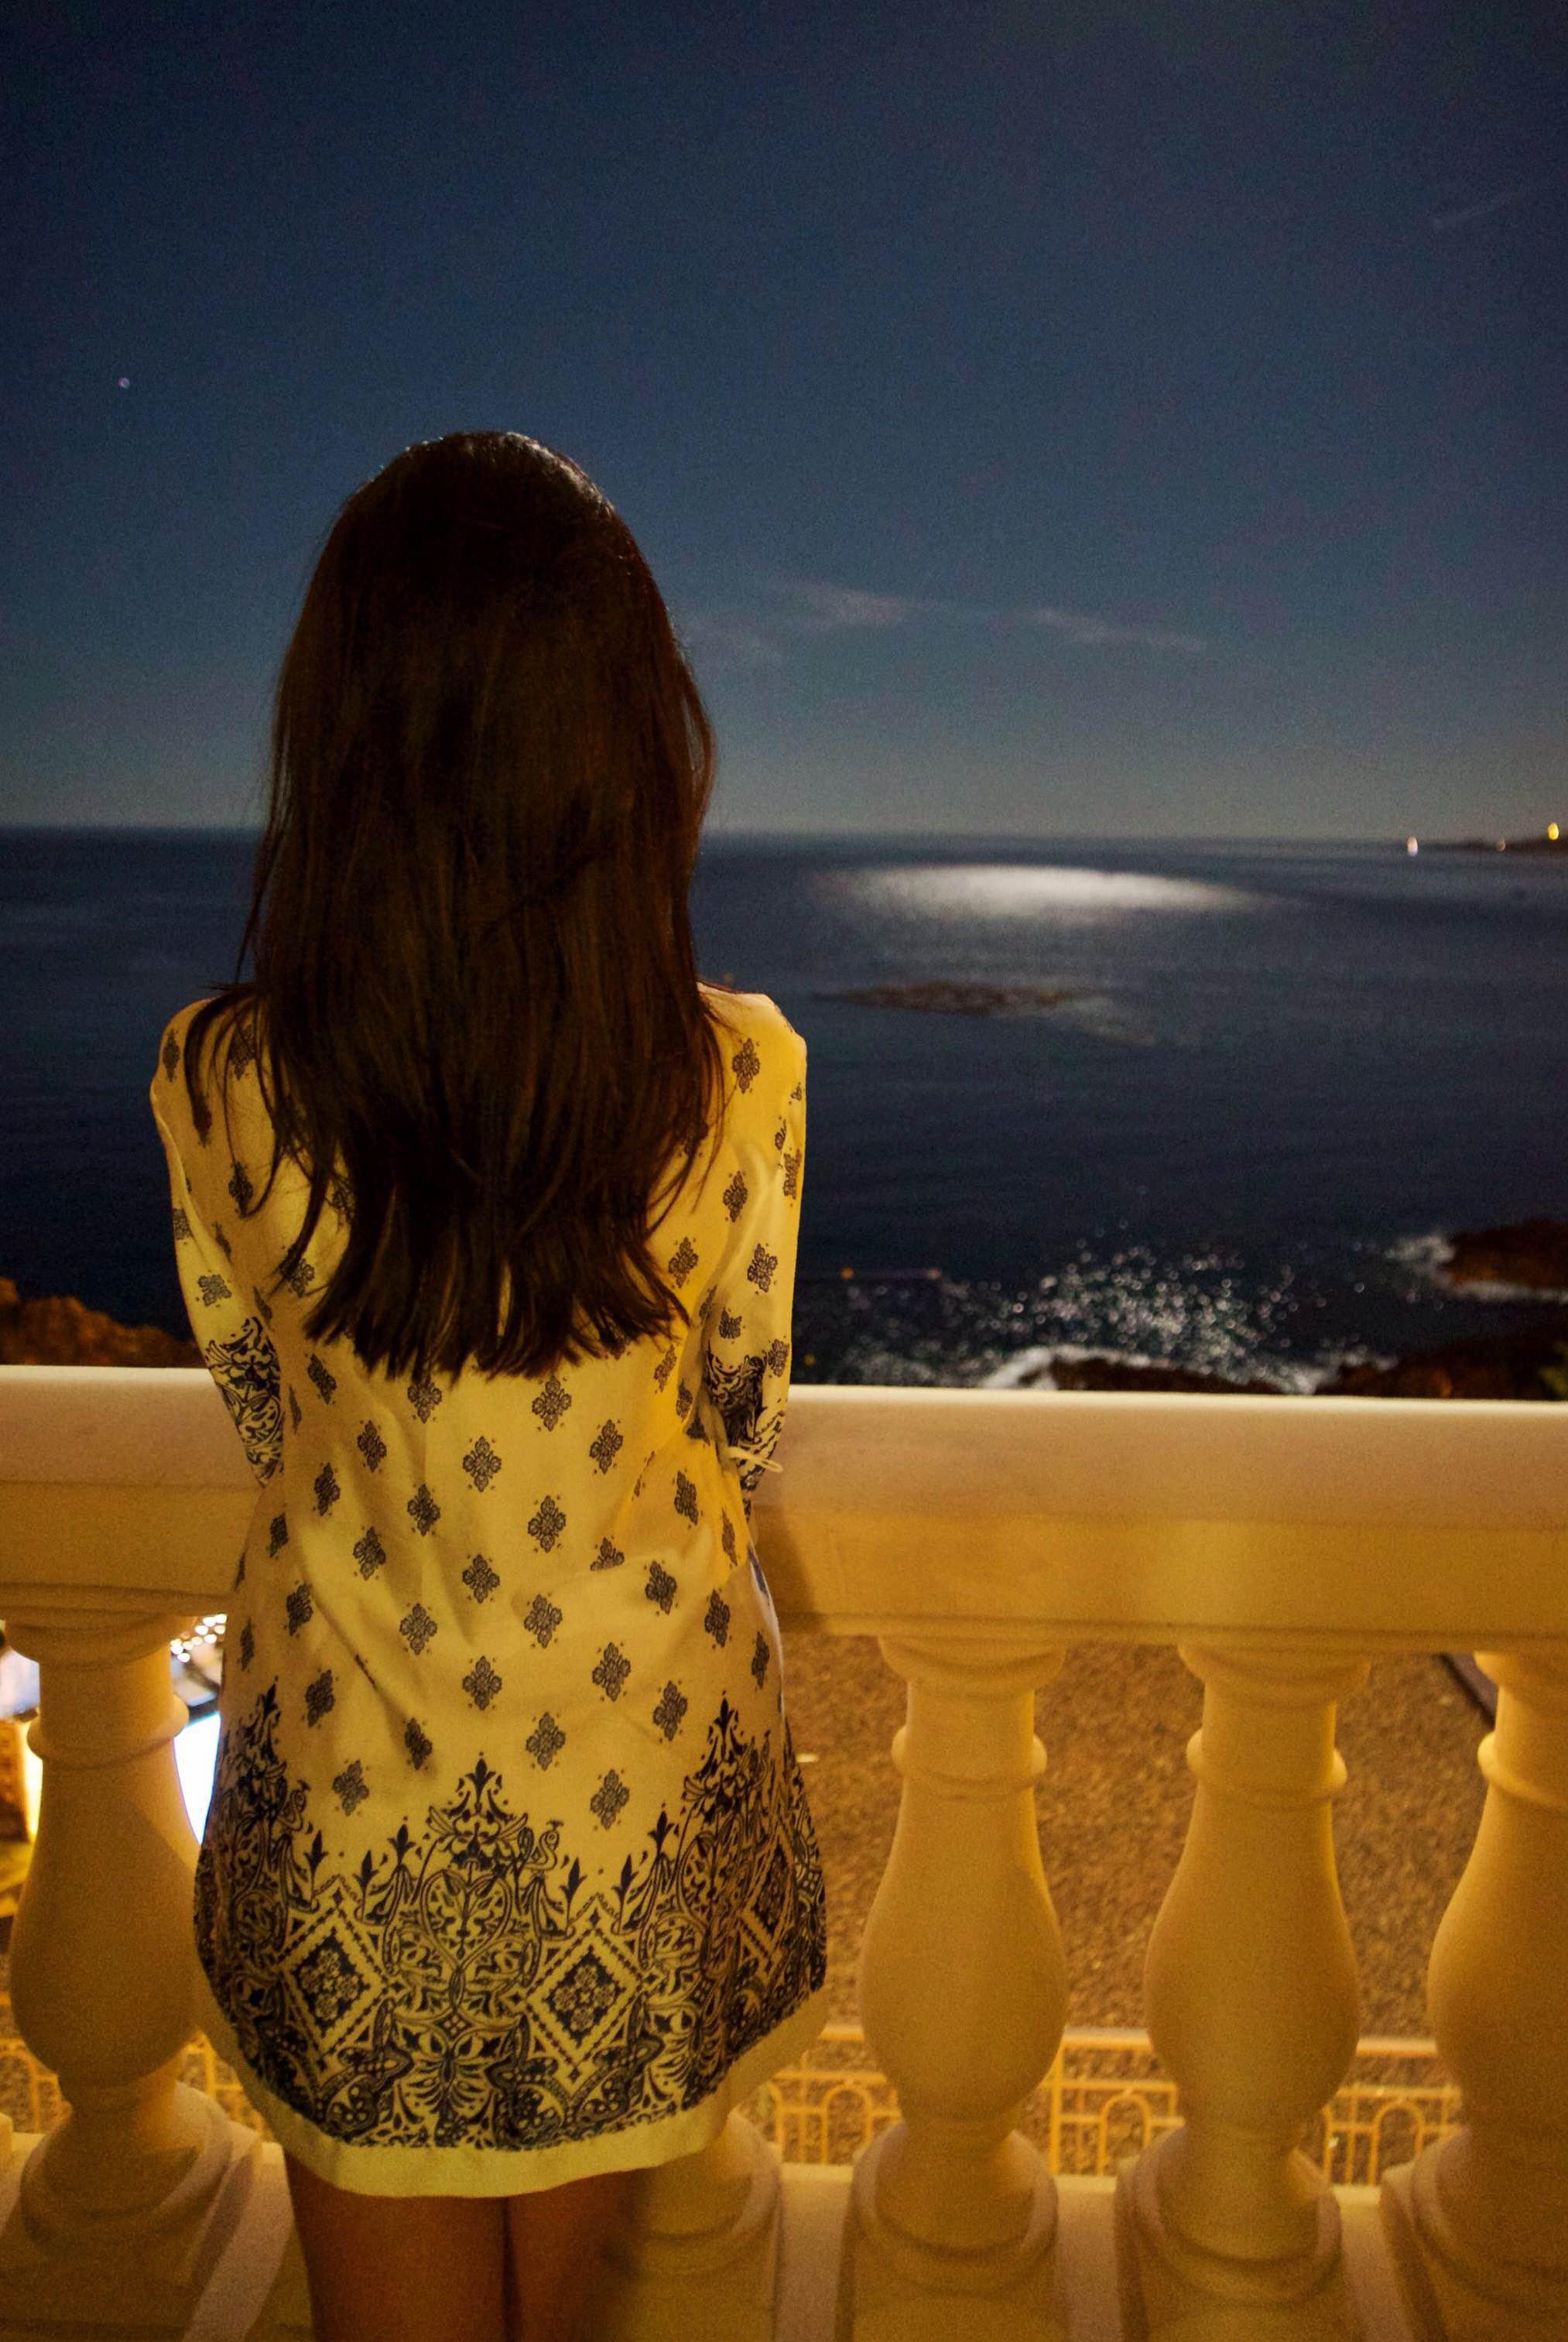 31-Tiara-Miramar-Beach-Hotel-Spa-Cote-dAzur-Disi-Couture-Edisa-Shahini-Cannes-France